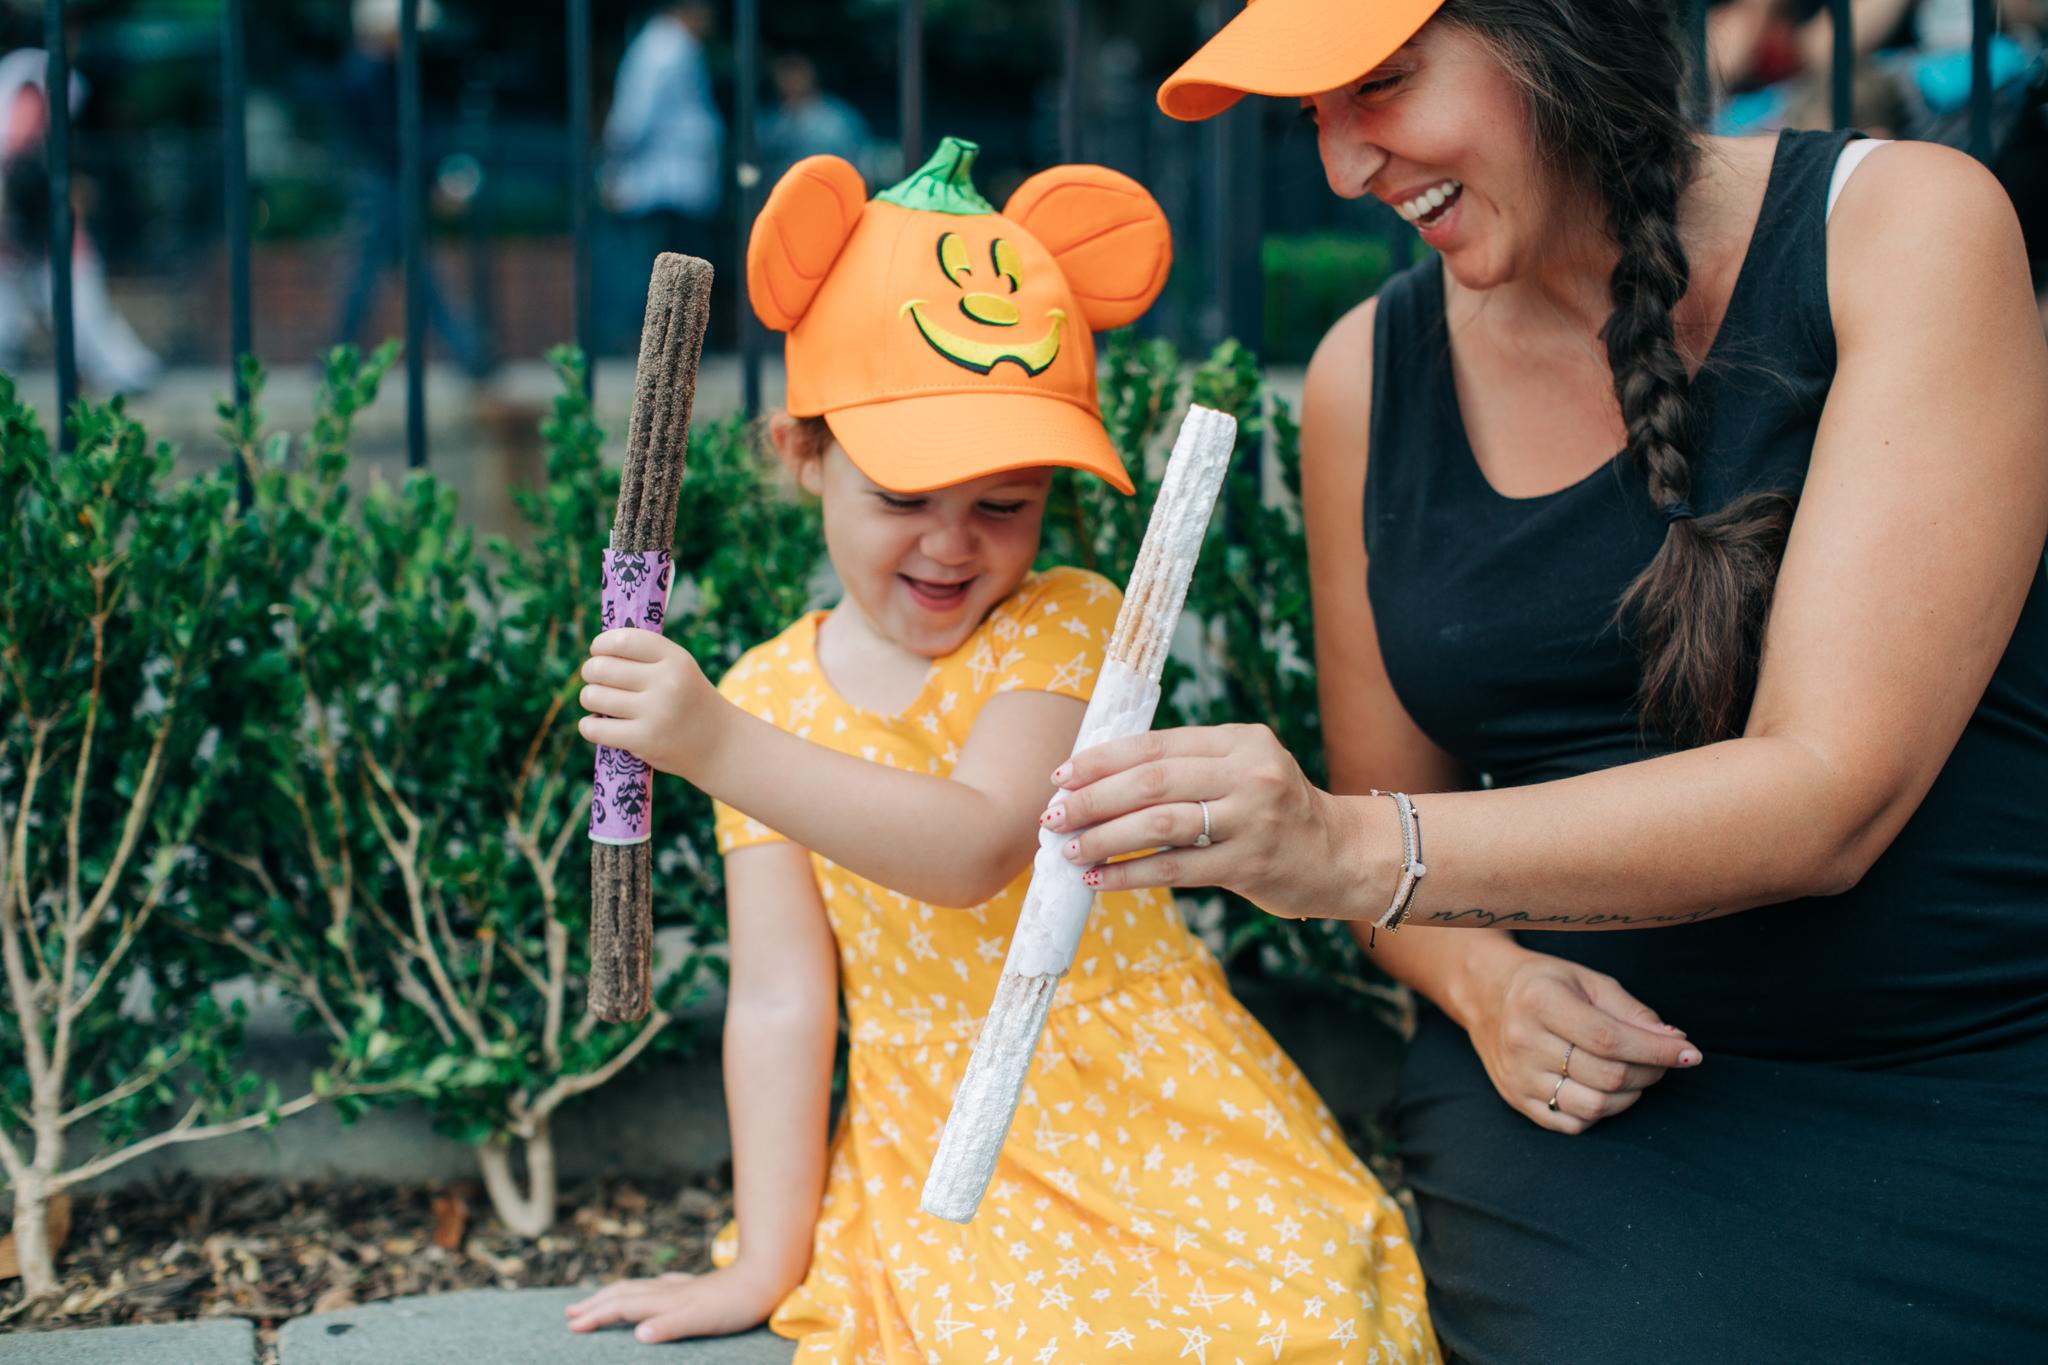 BabyBoyBakery_Disneyland_LilyRo-37.jpg